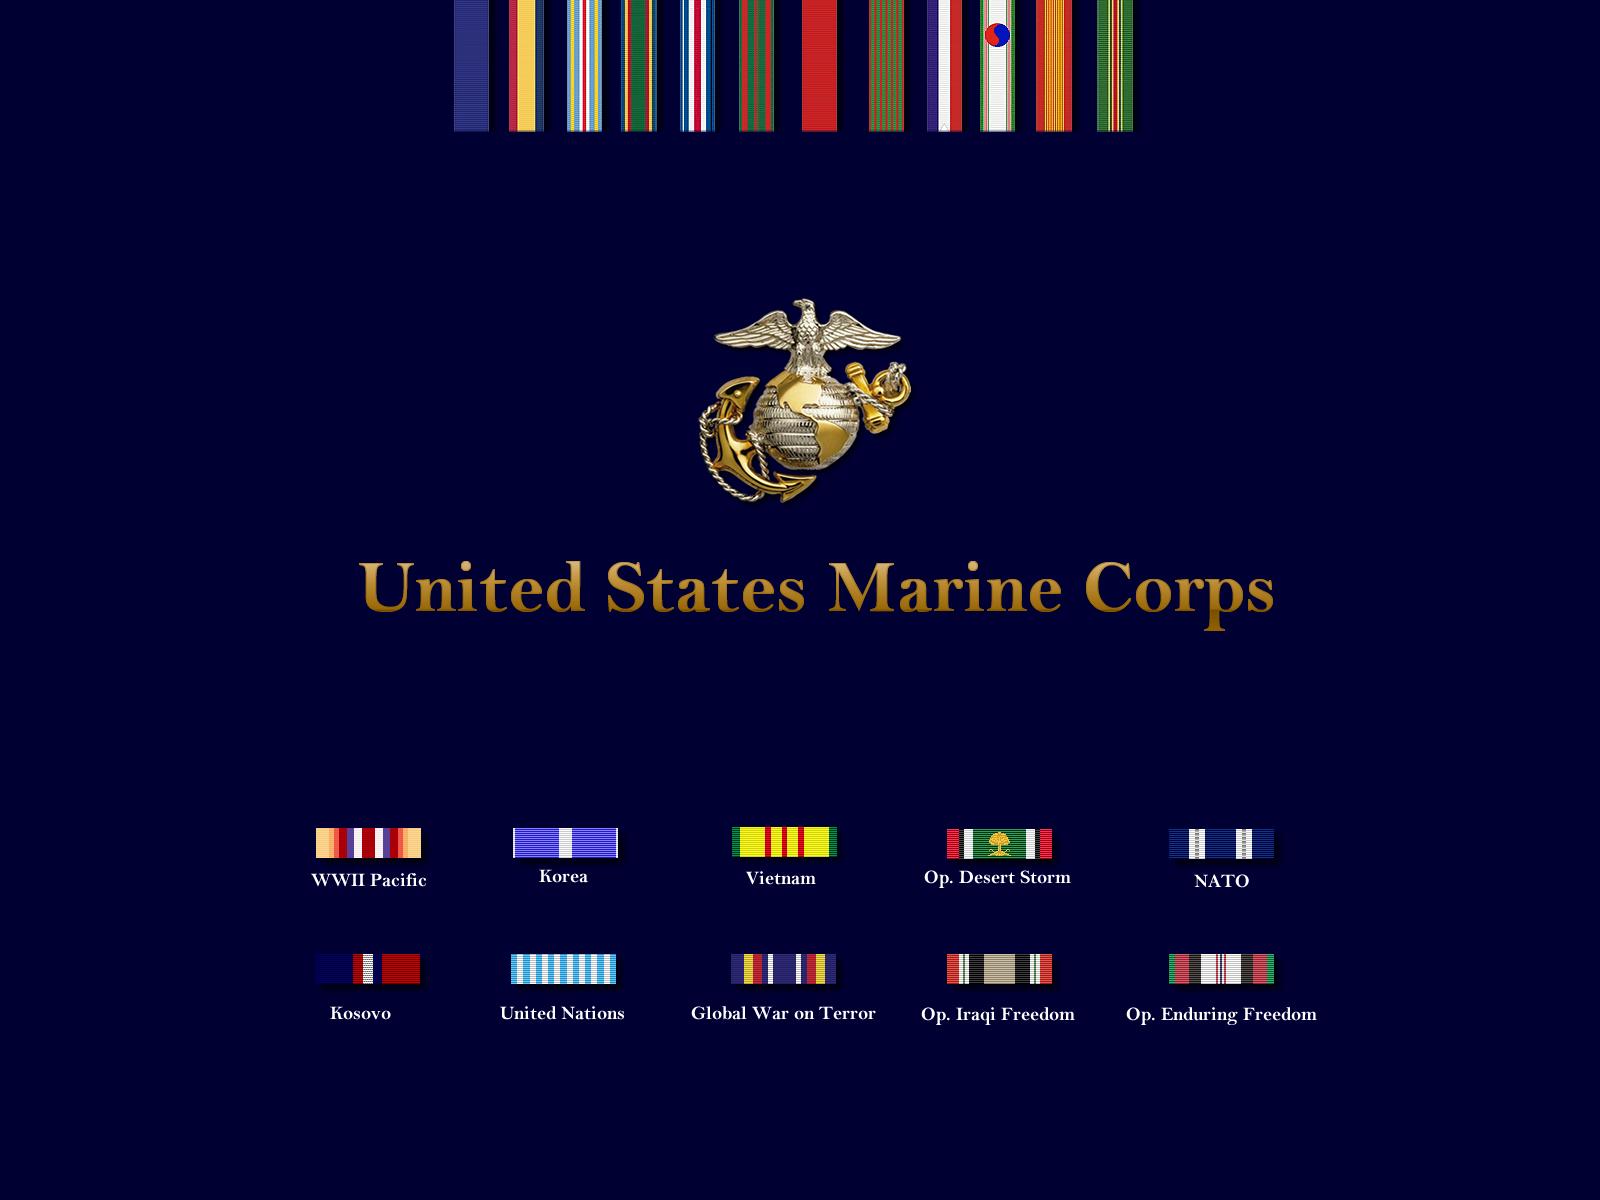 marine corps powerpoint template - marine corps background marine world